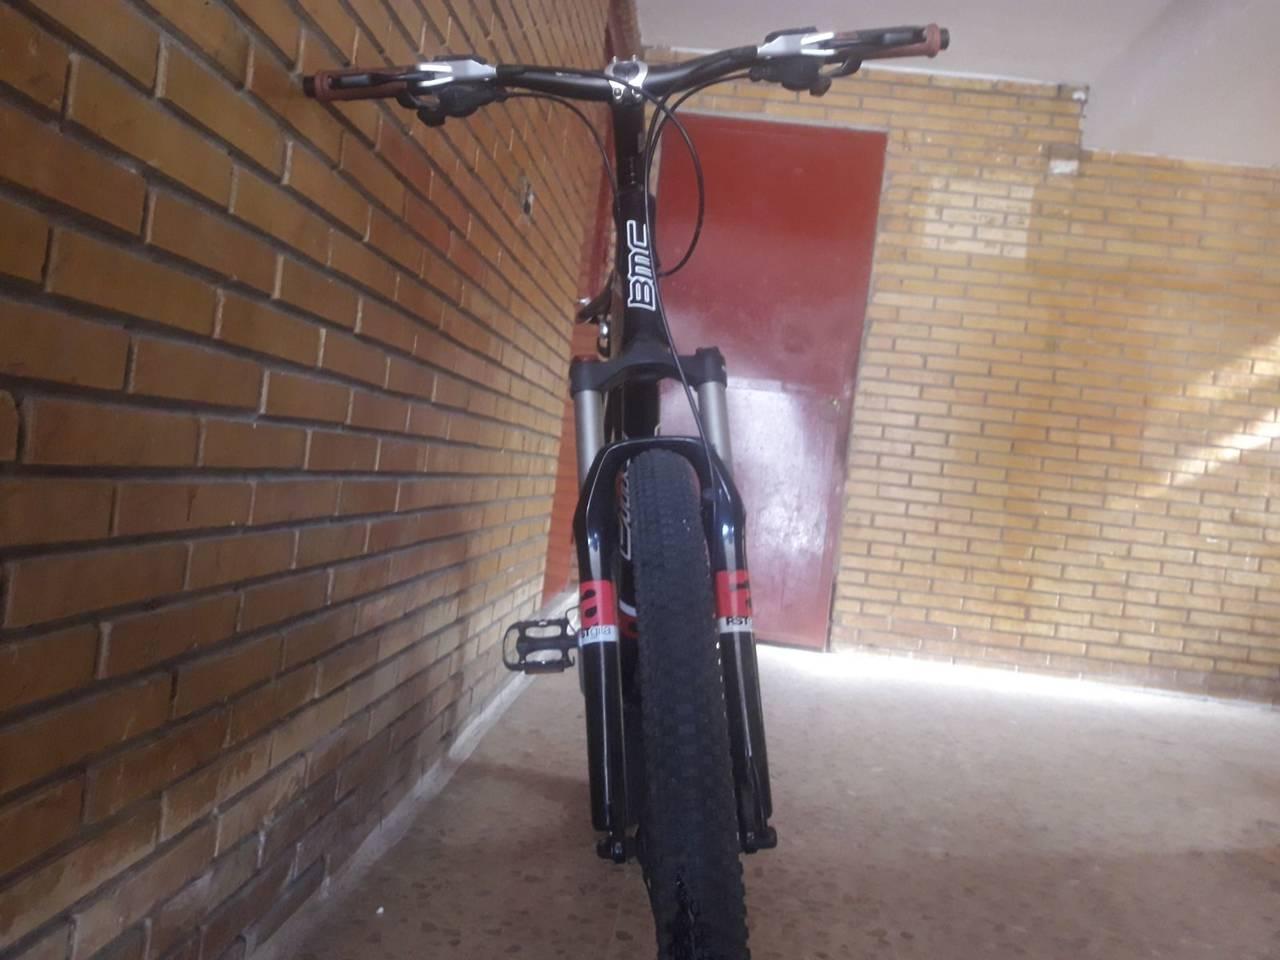 Usado, Bicicleta... segunda mano  Mairena del Aljarafe